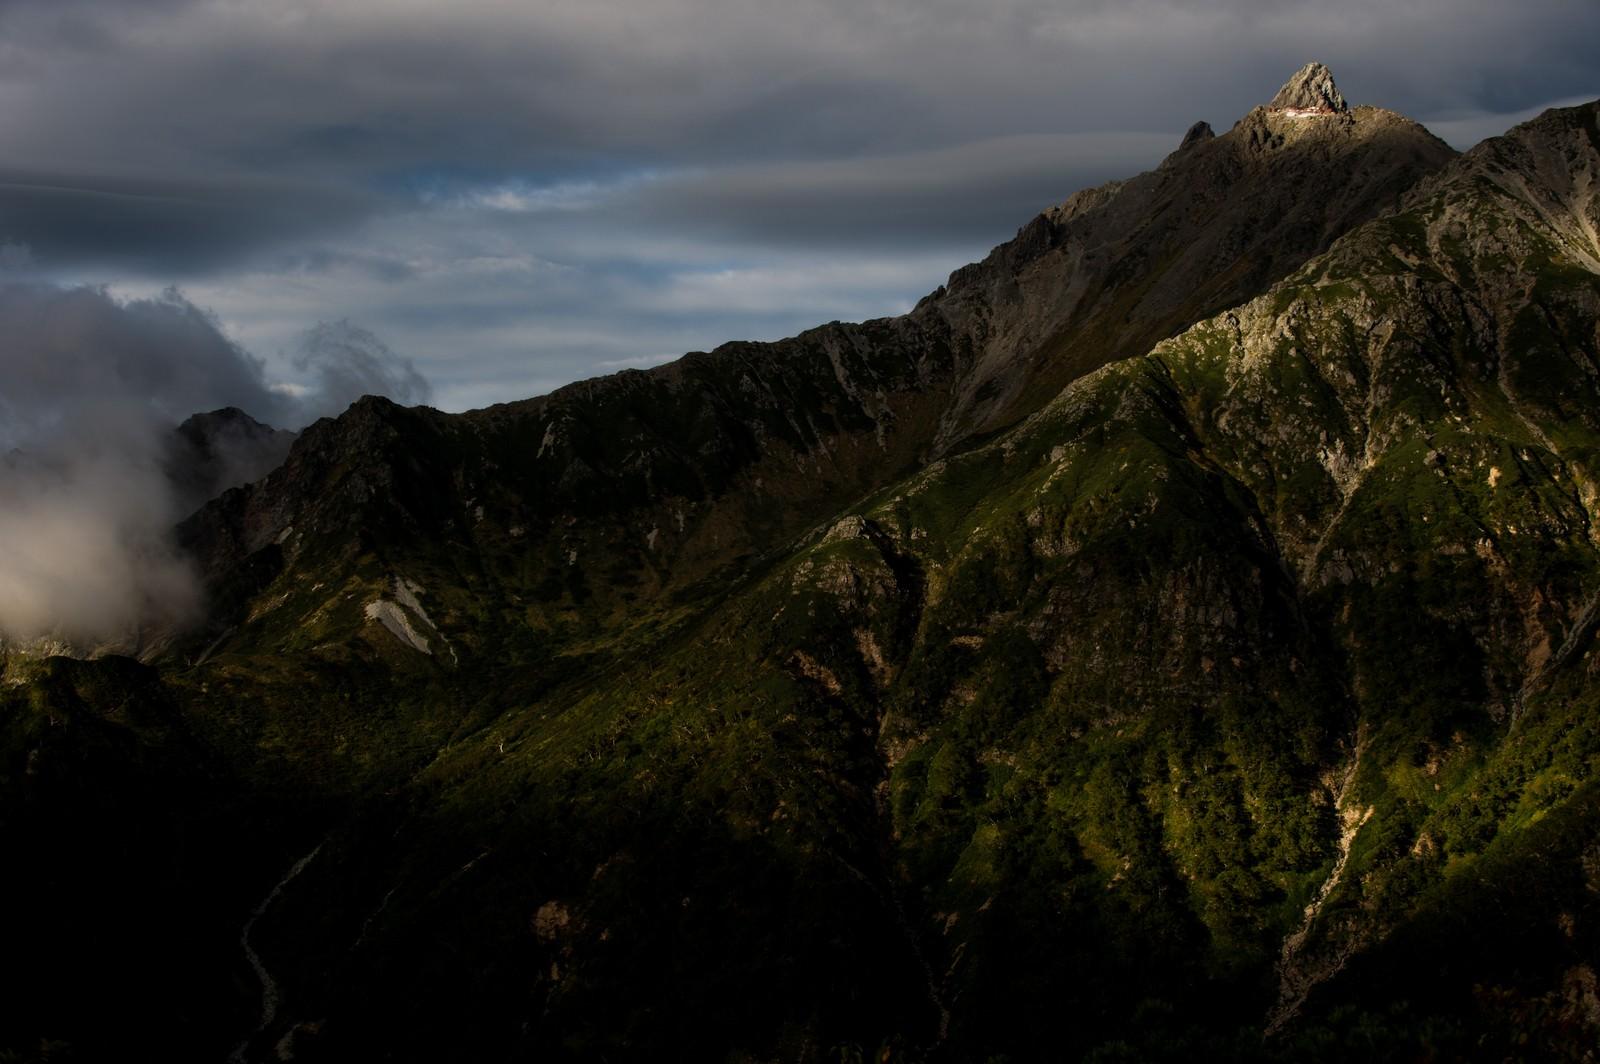 「夕日に照らされる槍ヶ岳と西鎌尾根夕日に照らされる槍ヶ岳と西鎌尾根」のフリー写真素材を拡大